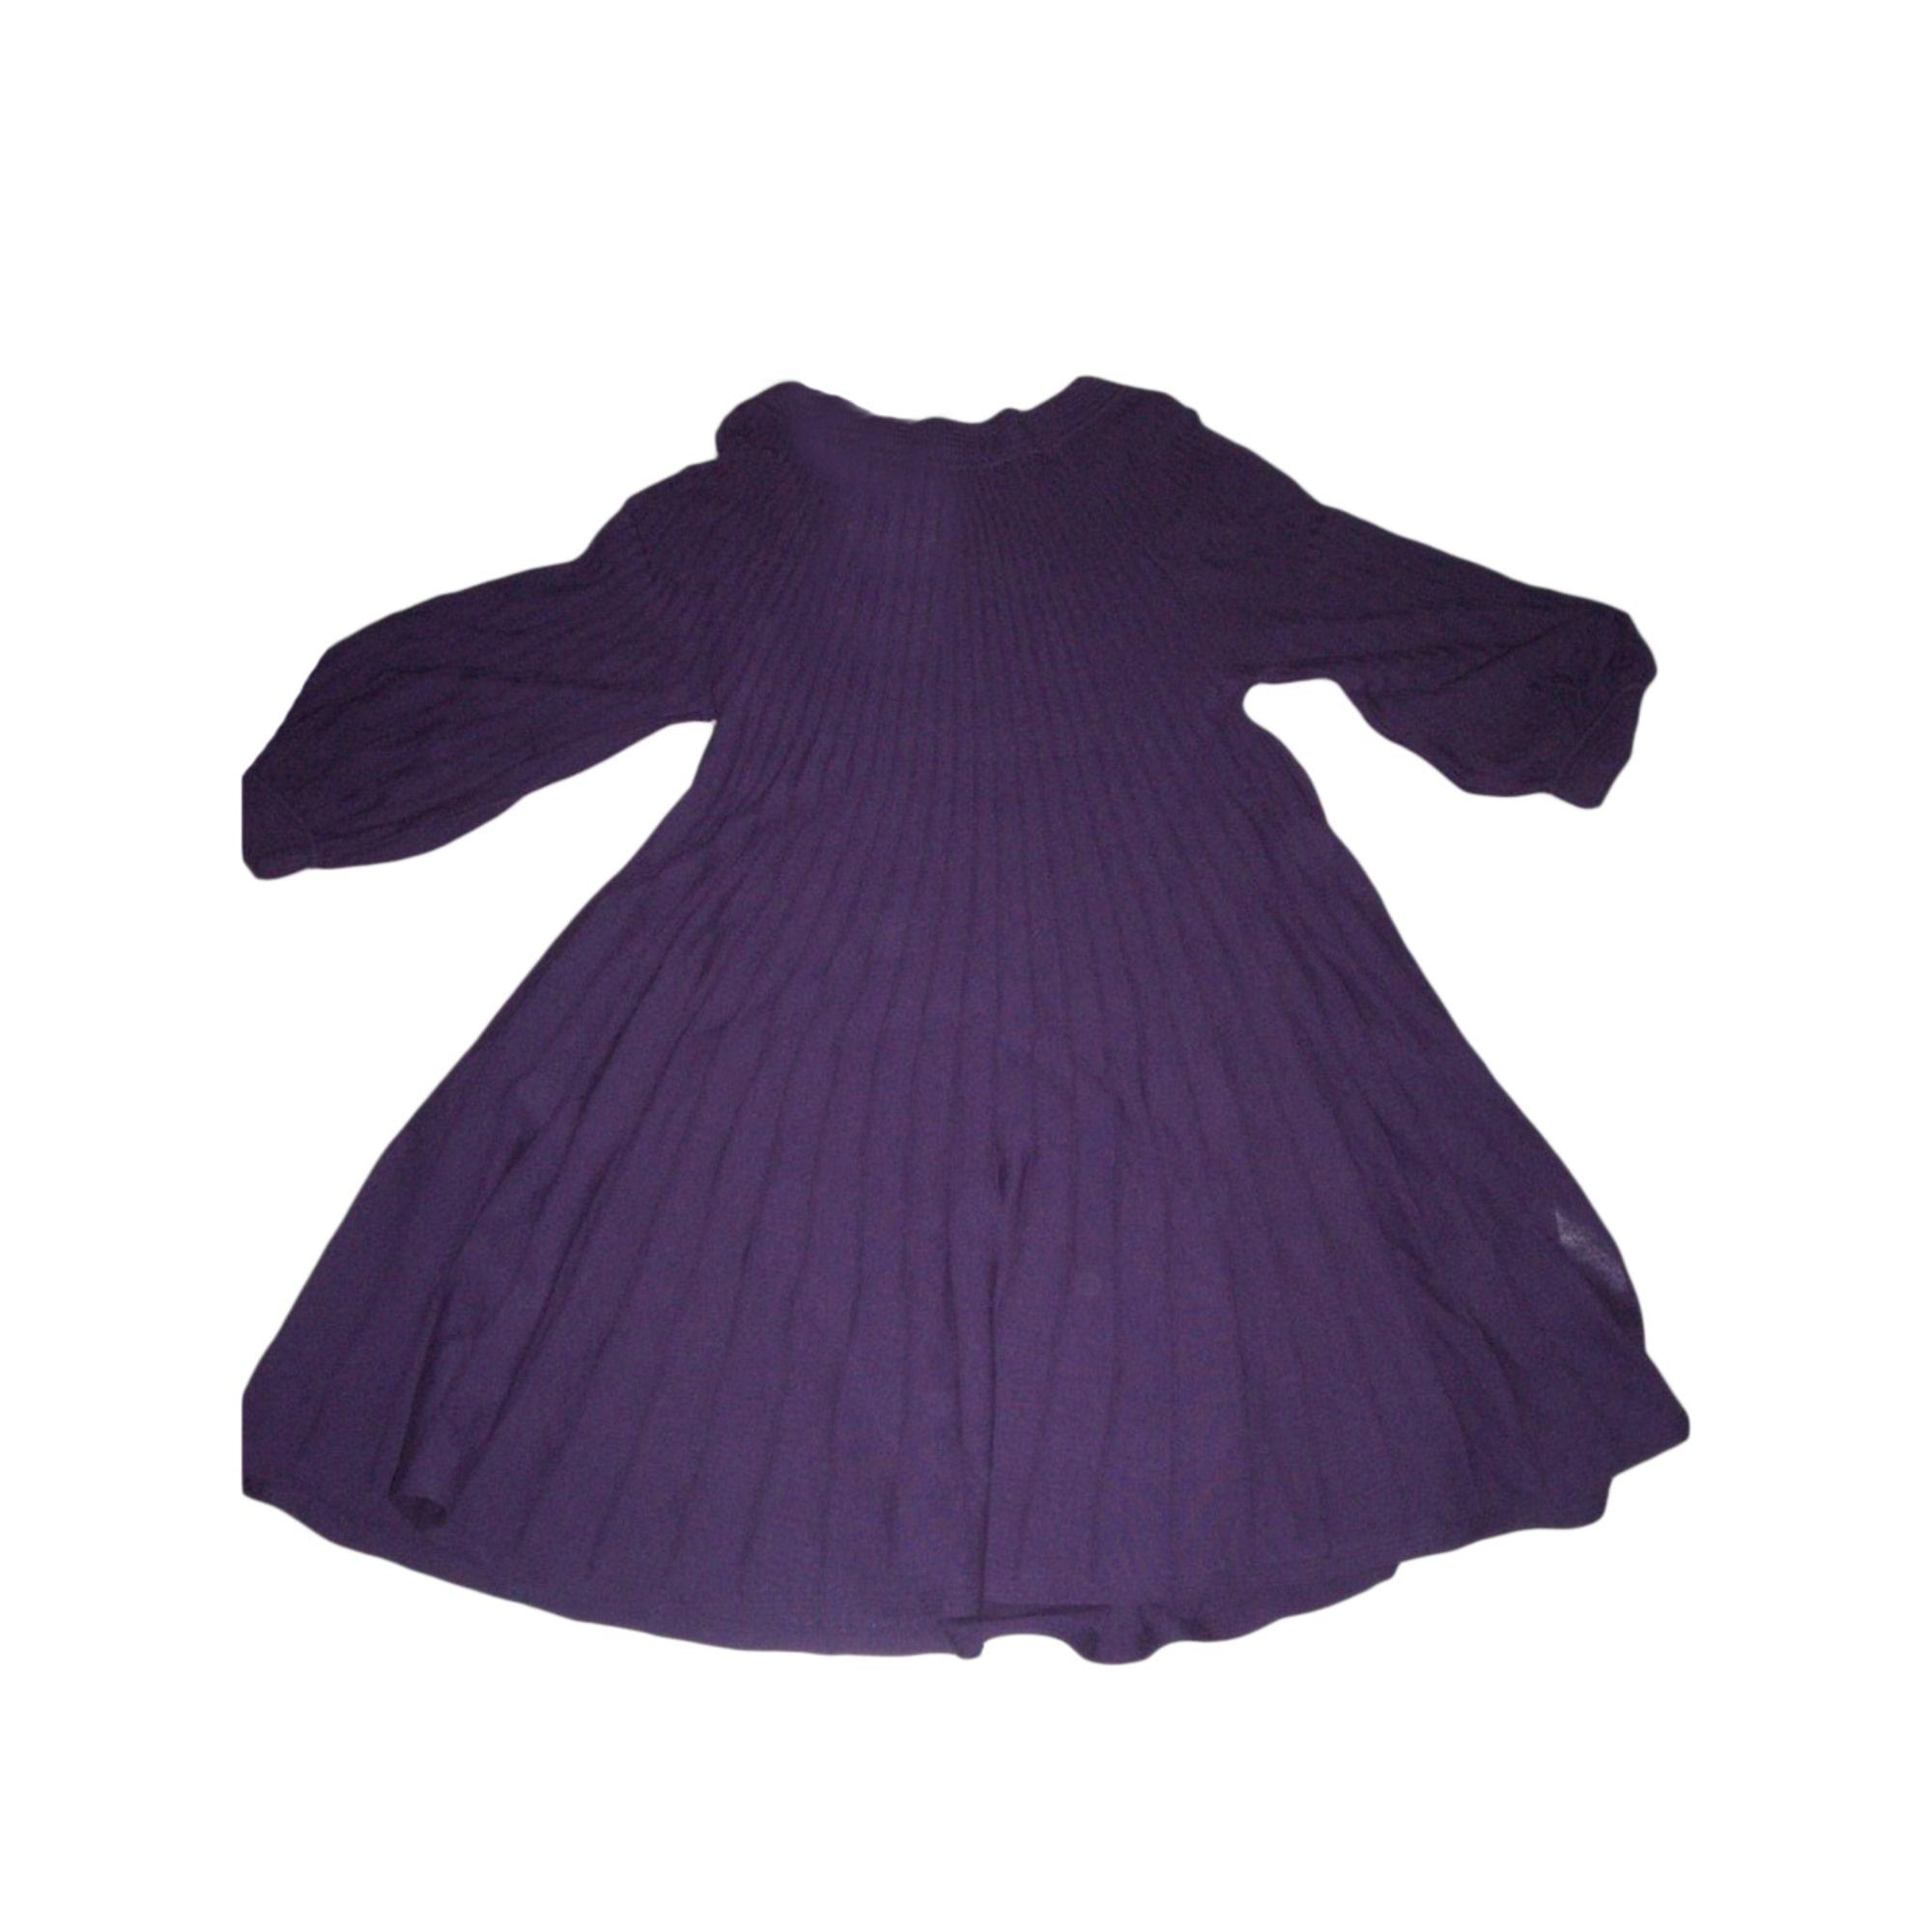 Robe tunique comptoir des cotonniers 38 m t2 violet vendu par joji 7096652 - Tunique comptoir des cotonniers ...